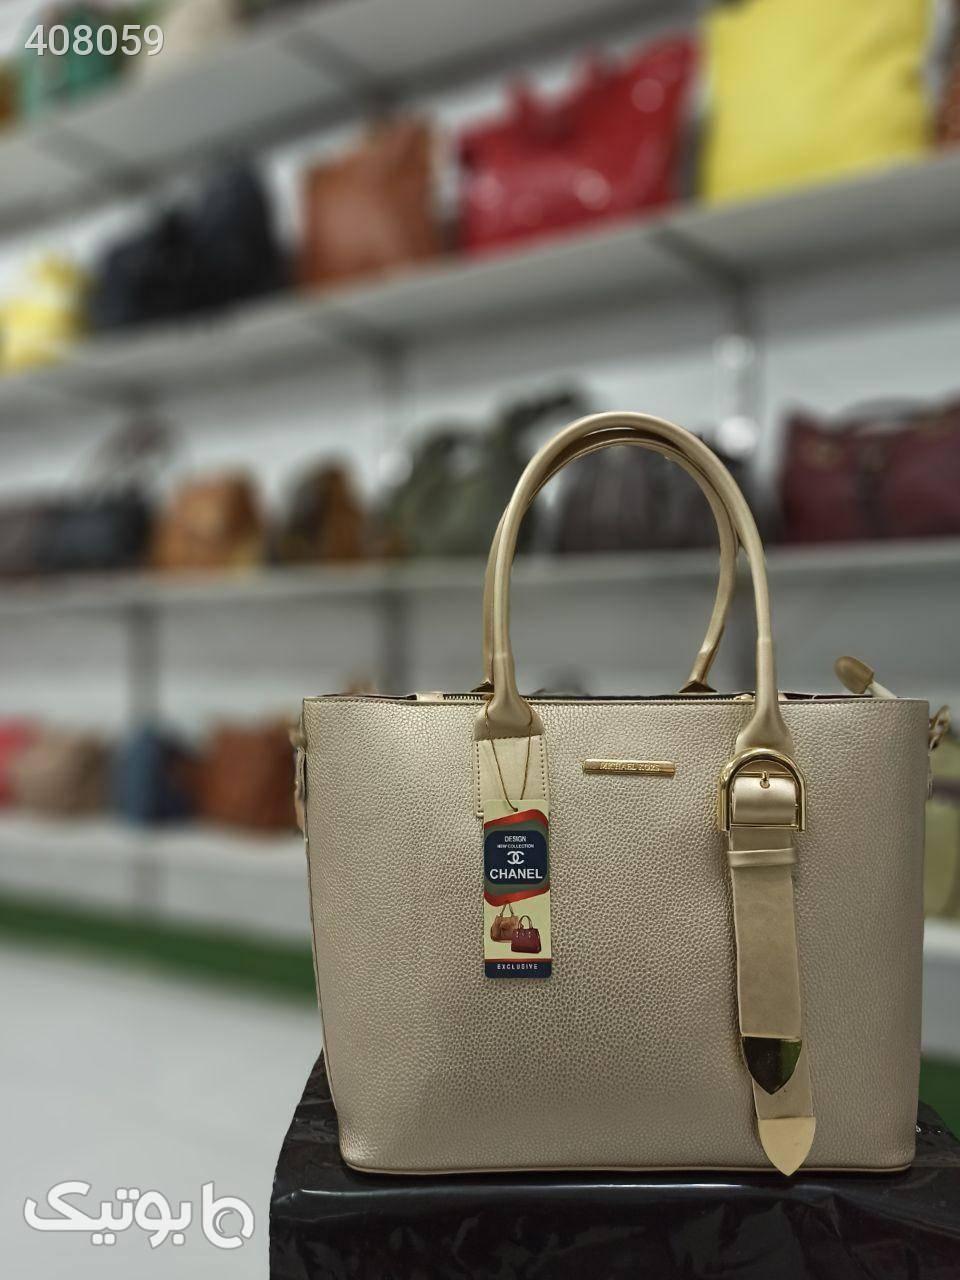 کیف آکبند زنانهی دستی دو تکه سایز بزرگ کرم كيف زنانه